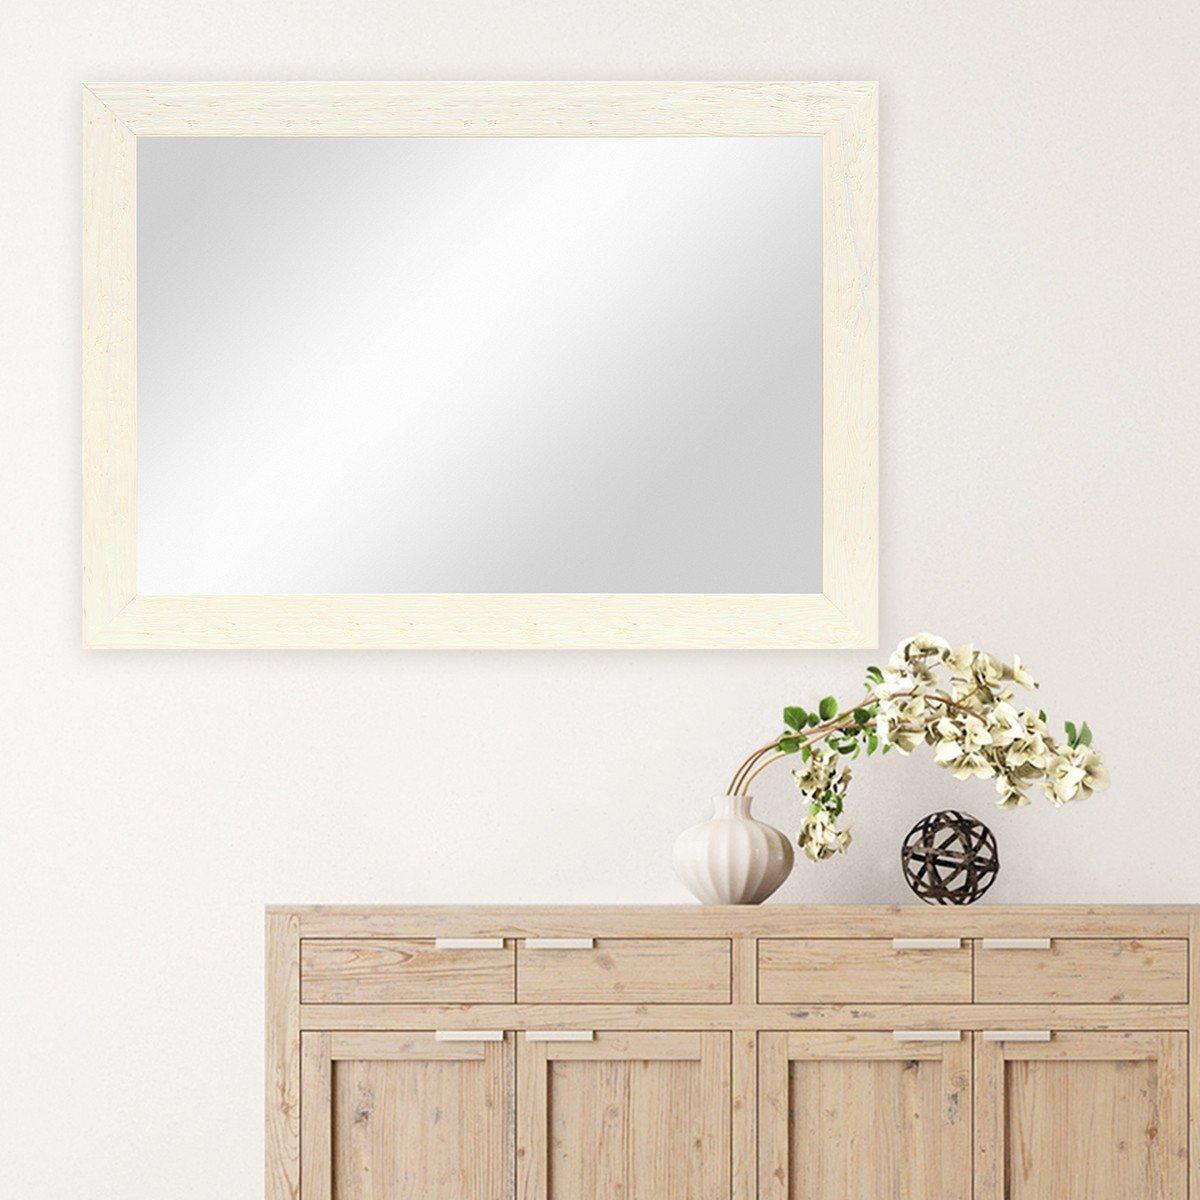 PHOTOLINI Wand-Spiegel 60x80 60x80 60x80 cm im Massivholz-Rahmen Strandhaus-Stil Breit Eiche-Optik Rustikal Spiegelfläche 50x70 cm 9a7f1f